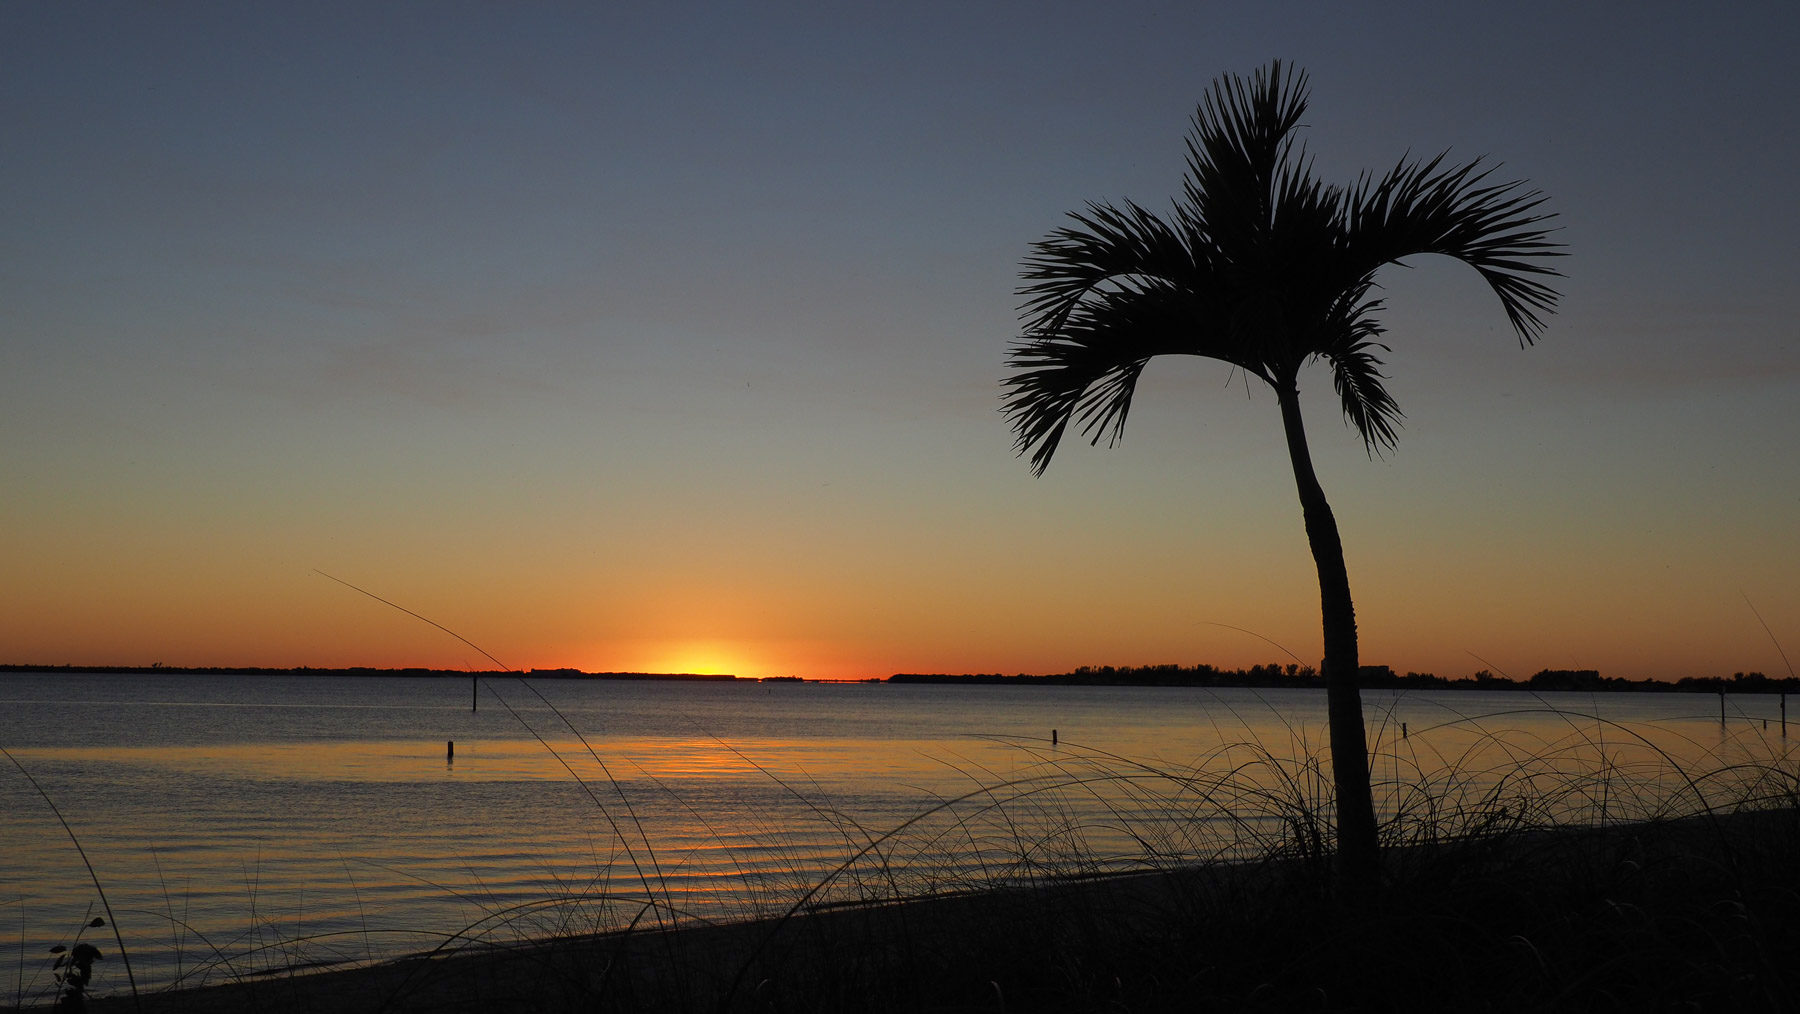 Die Sonnenuntergänge in Florida sind schon was besonderes